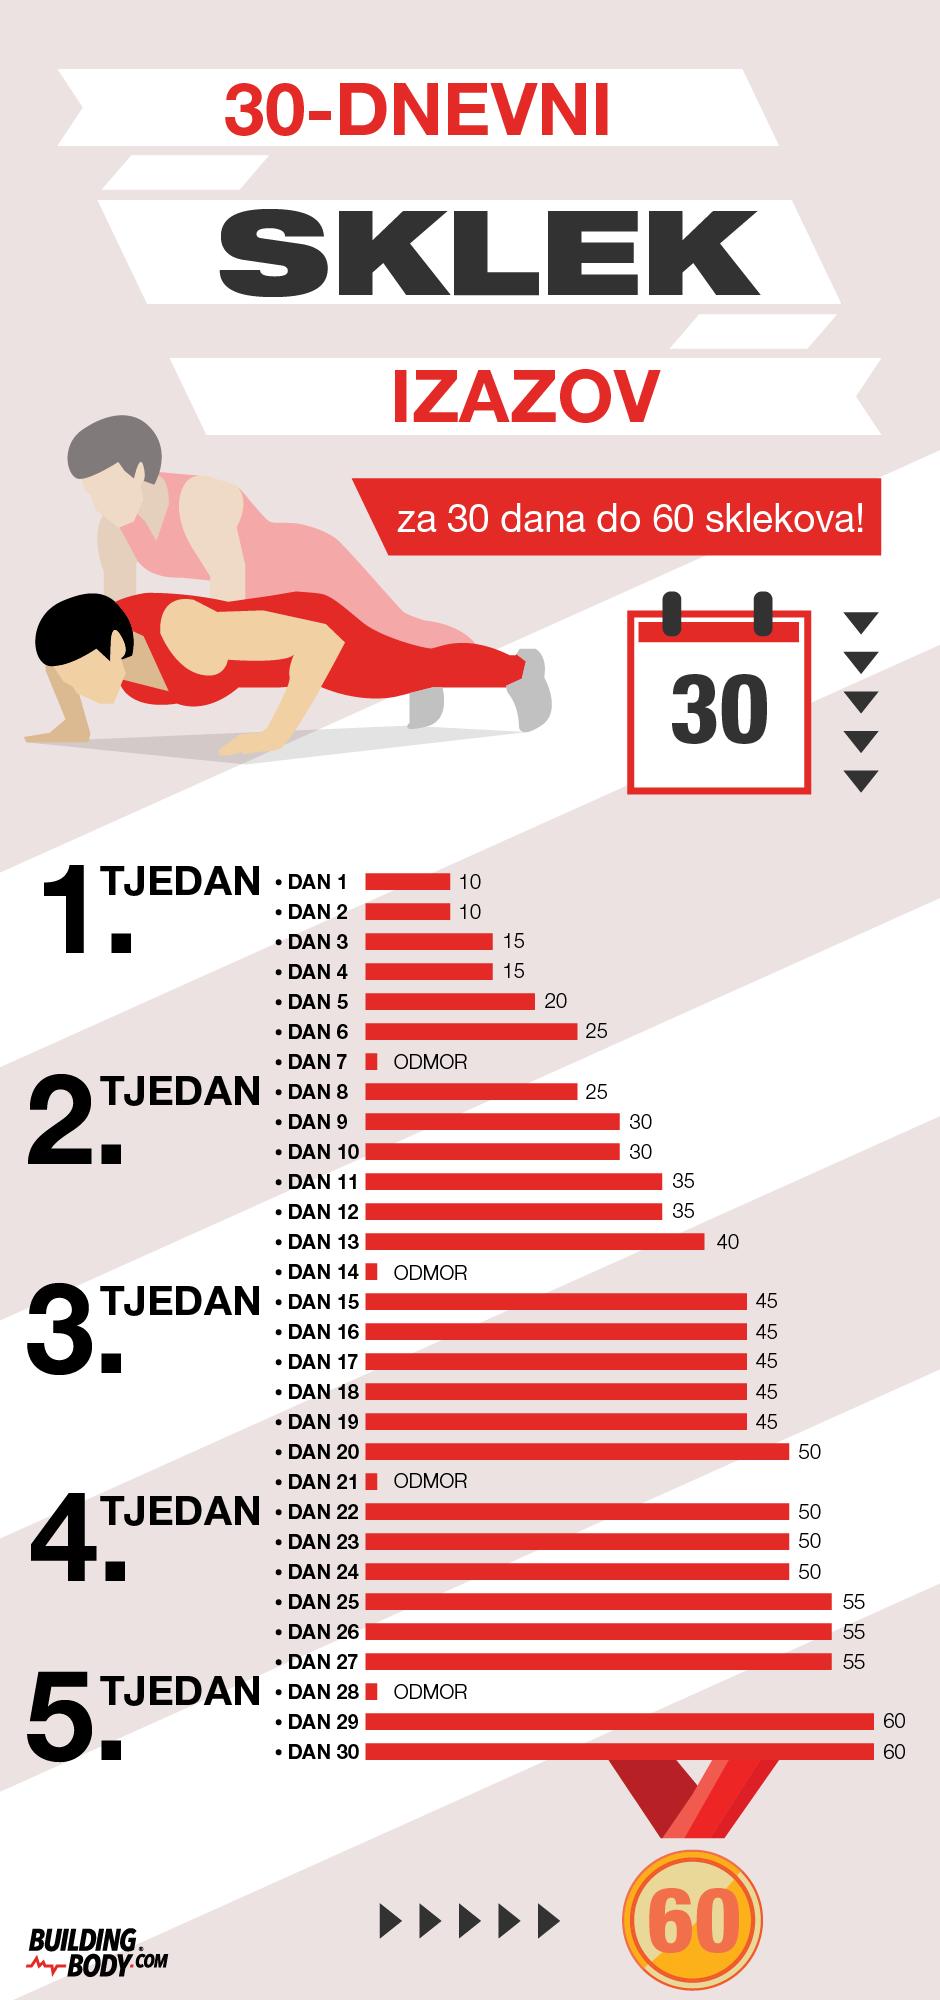 30dnevni sklek izazov